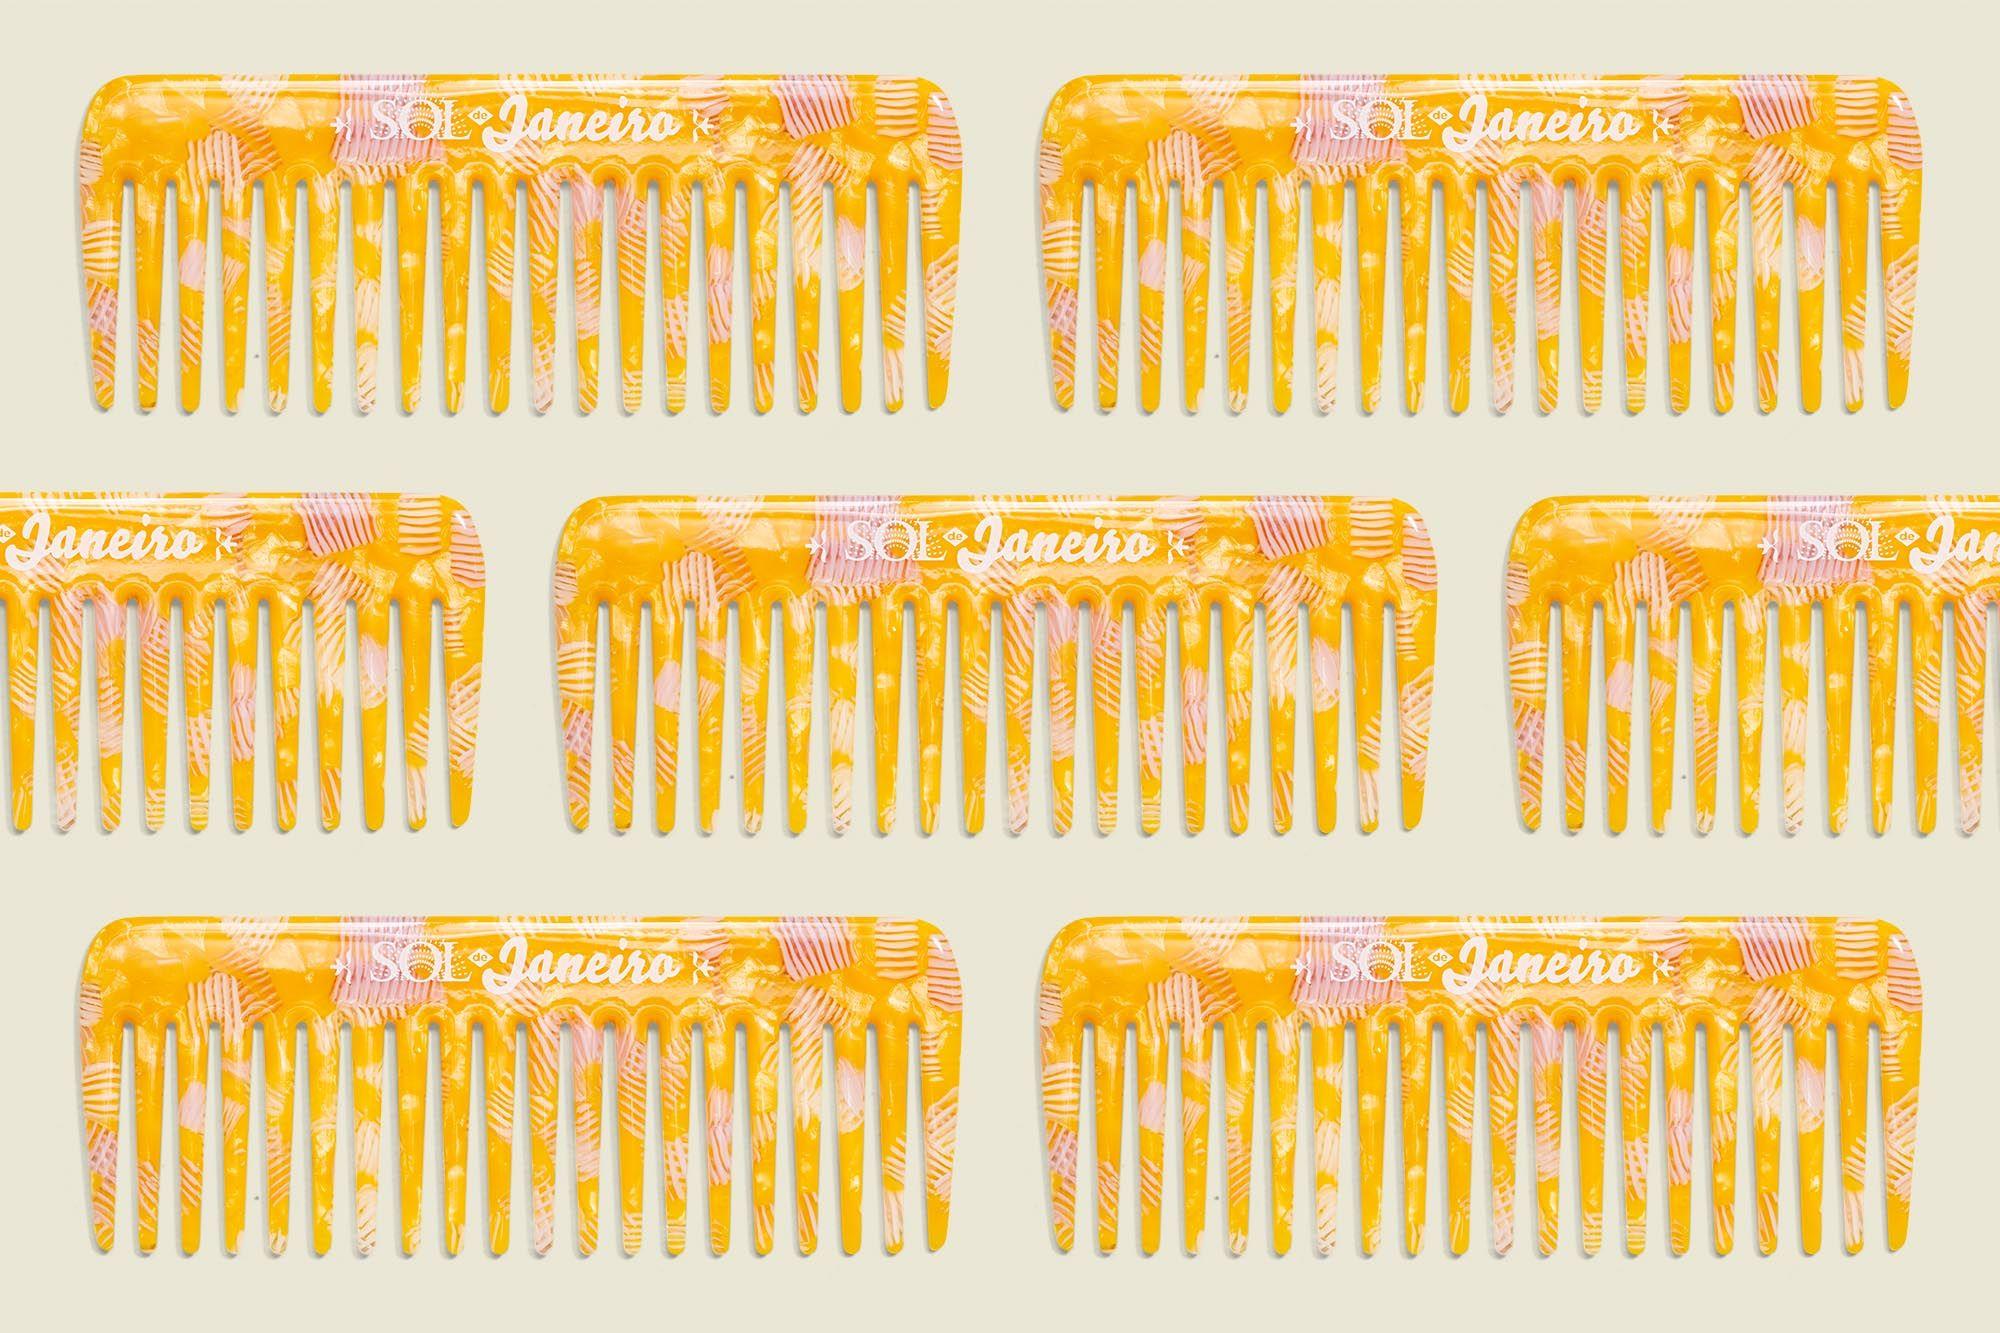 Custom printed hair comb